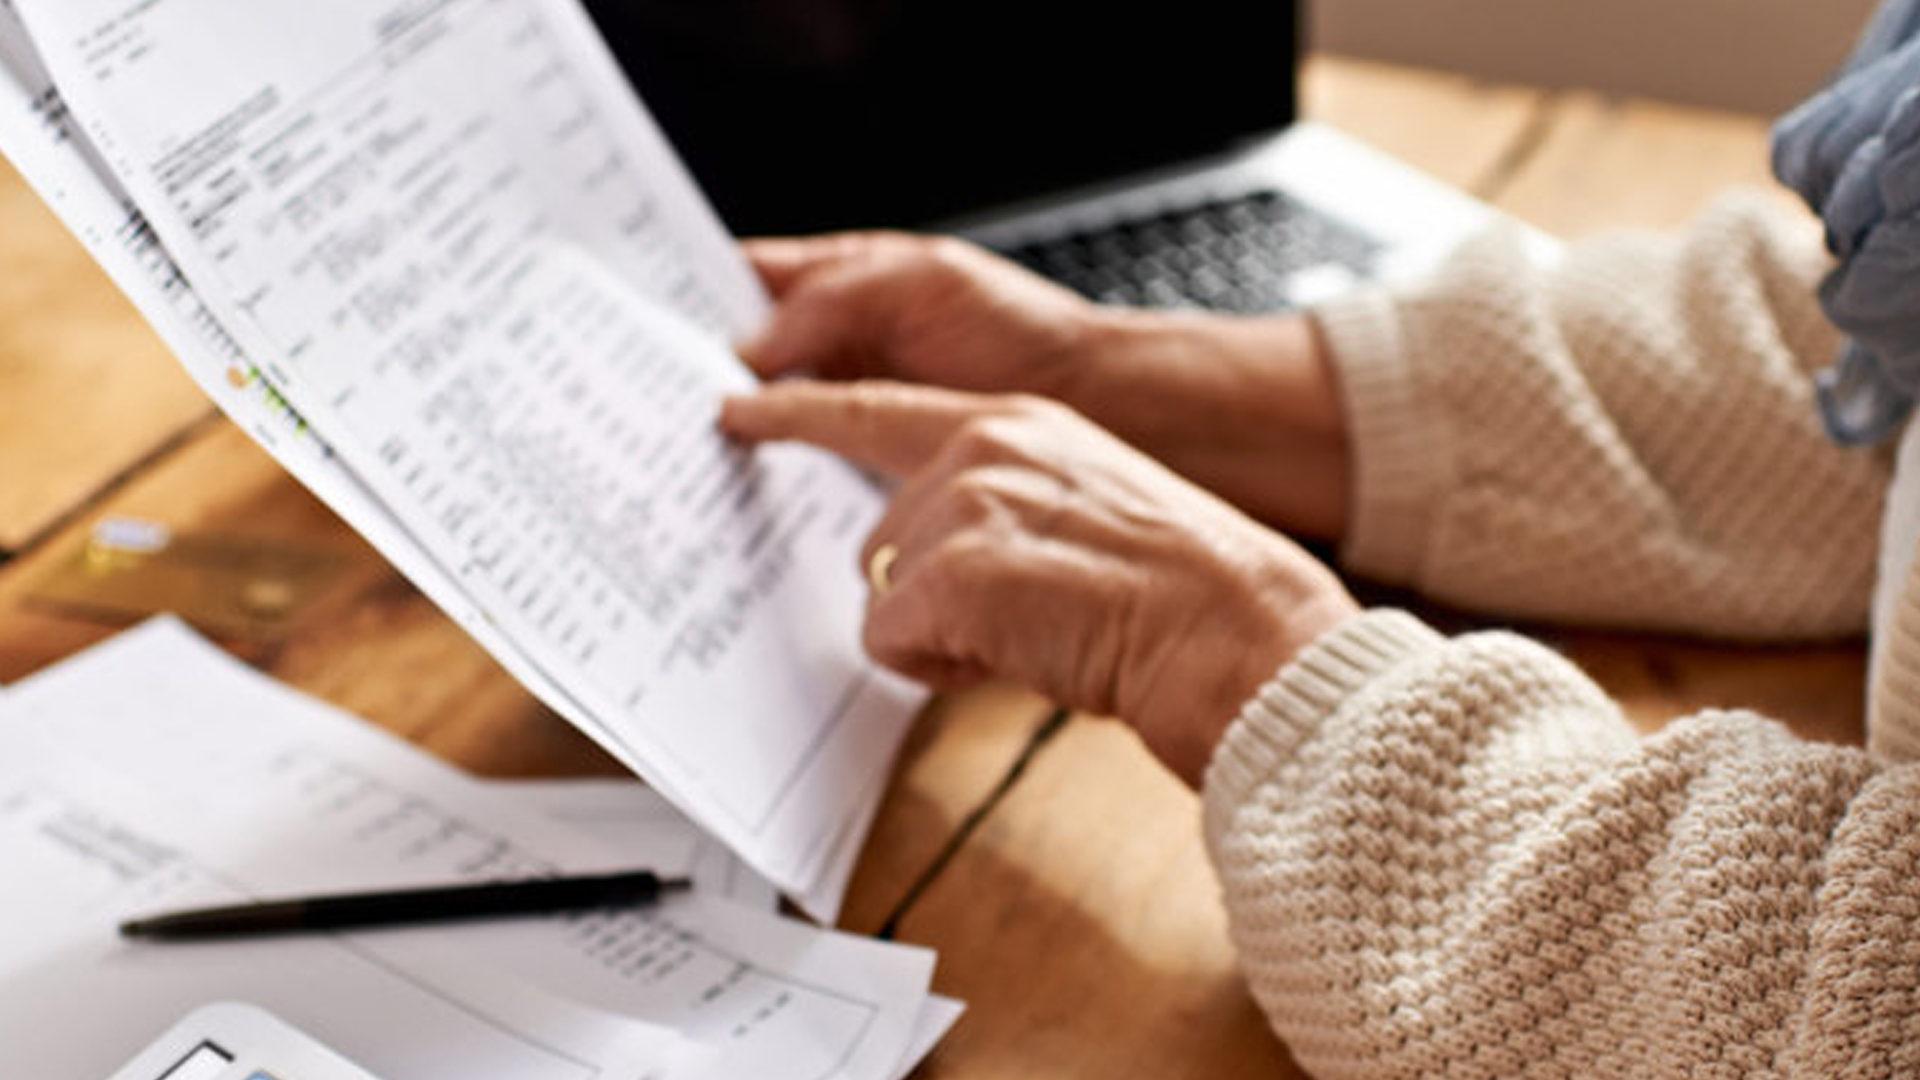 Проверка чистоты квартиры при ипотечном кредитовании